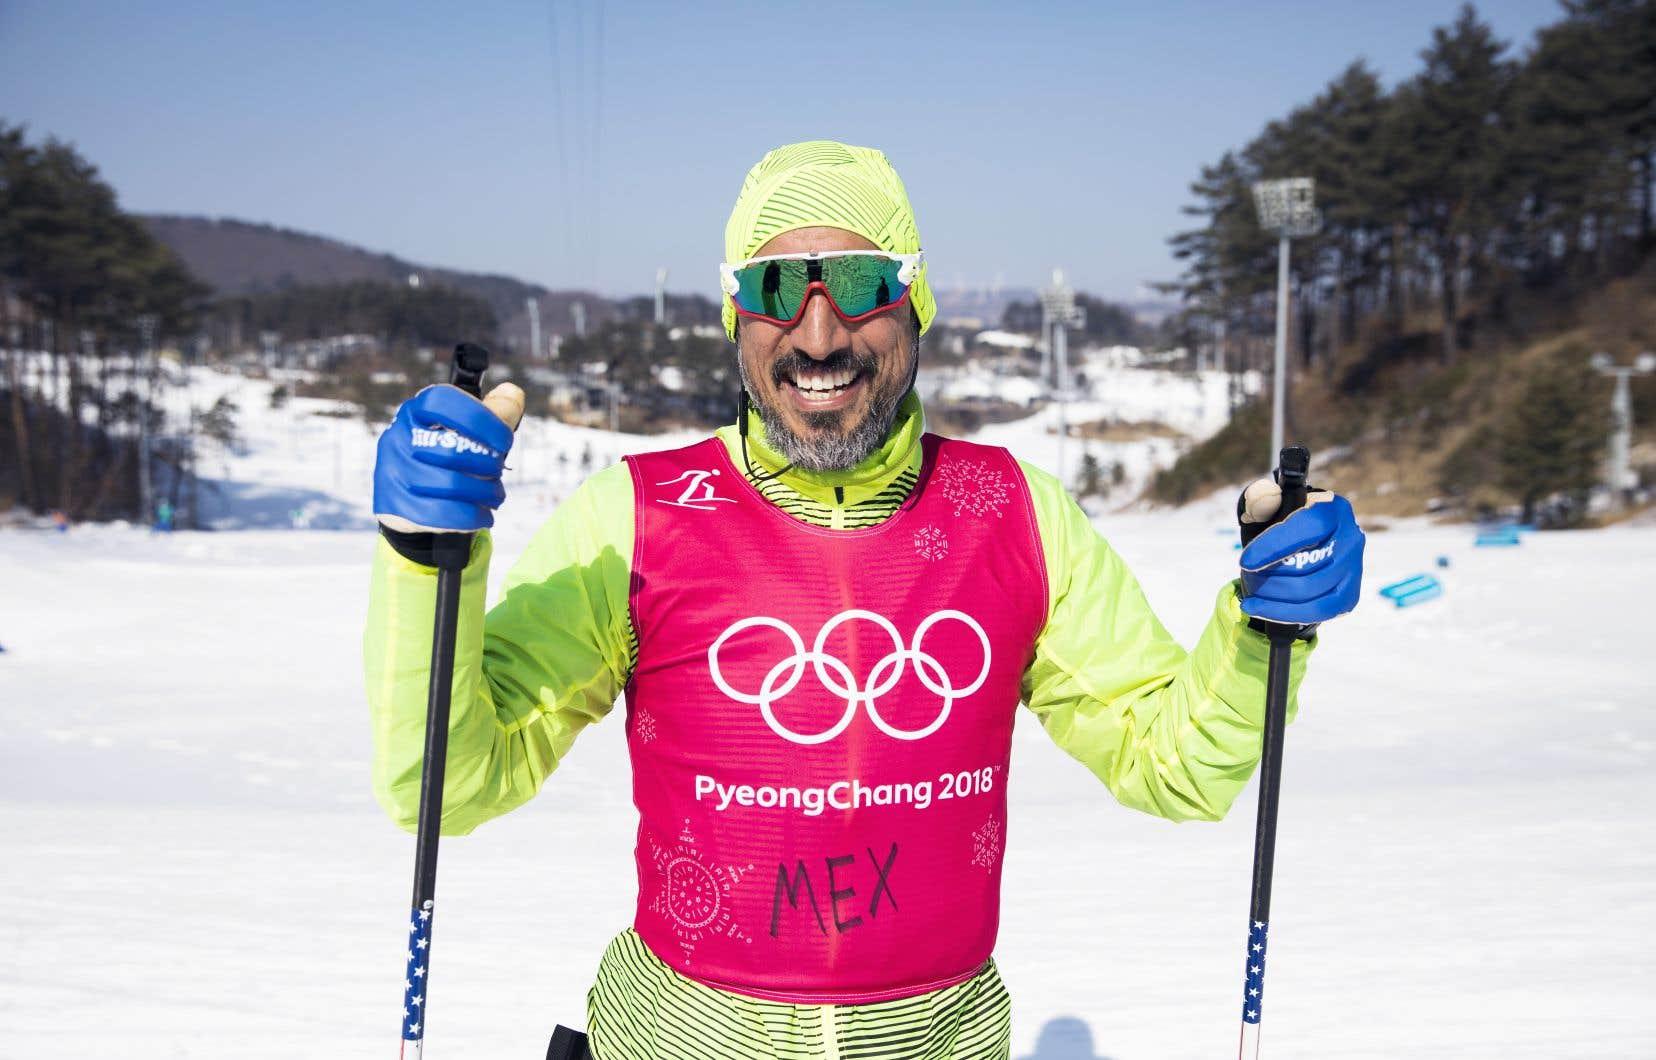 C'est en janvier 2017 que German Madrazo, déjà âgé de 42ans, s'accroche pour la première fois de sa vie des skis de fond aux pieds.